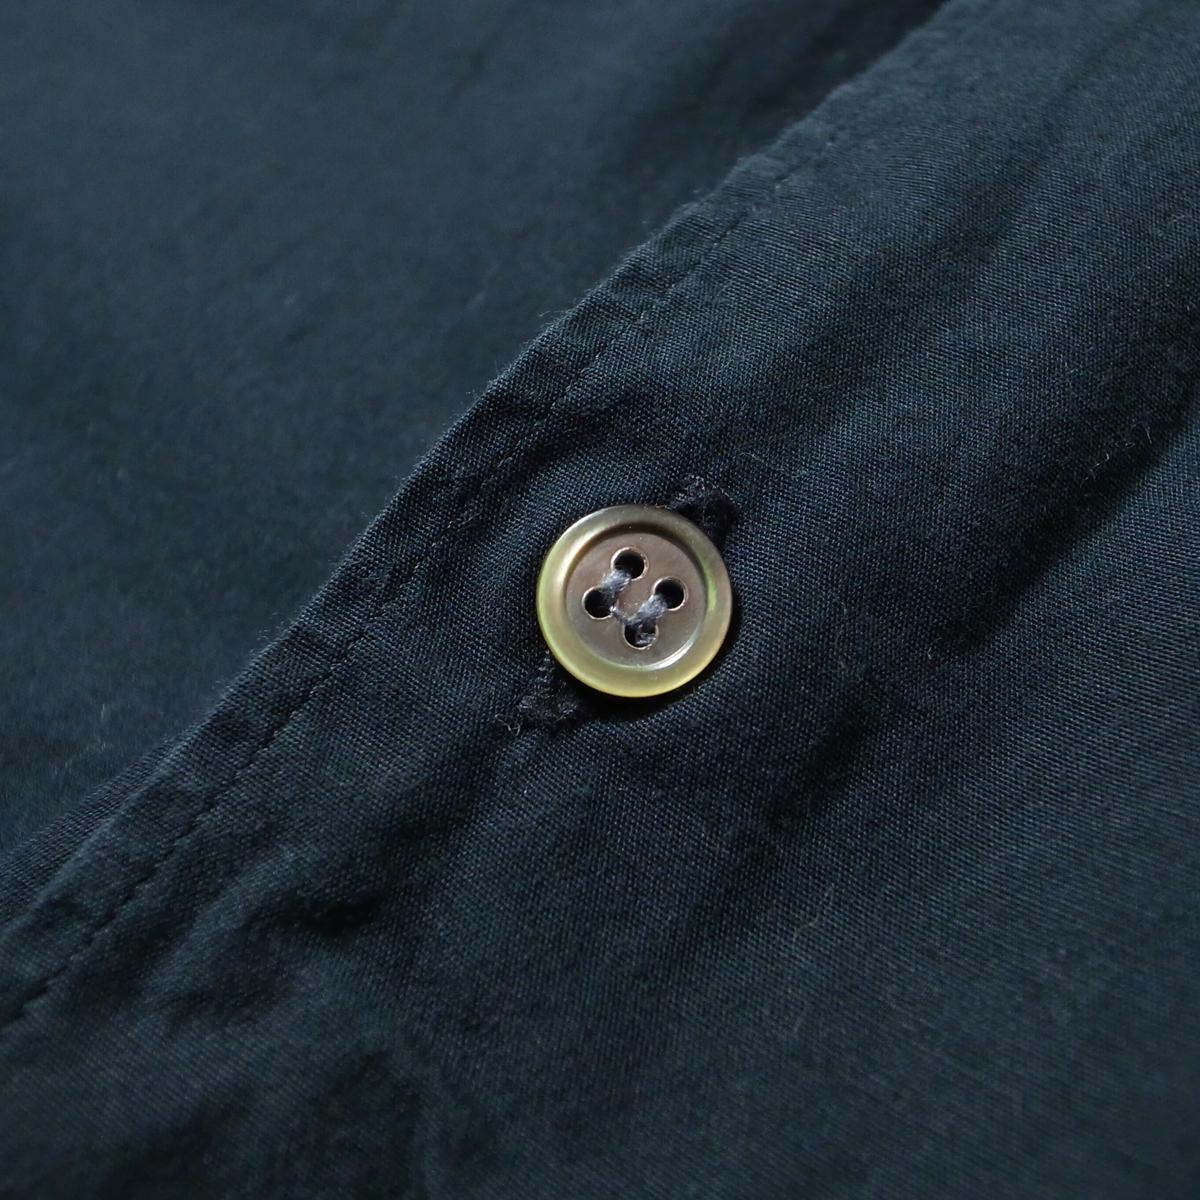 90s COMME des GARCONS HOMME コムデギャルソン オム 長袖 シャツ 黒 無地 / ビッグシルエット ブランド古着 アーカイブ_画像5